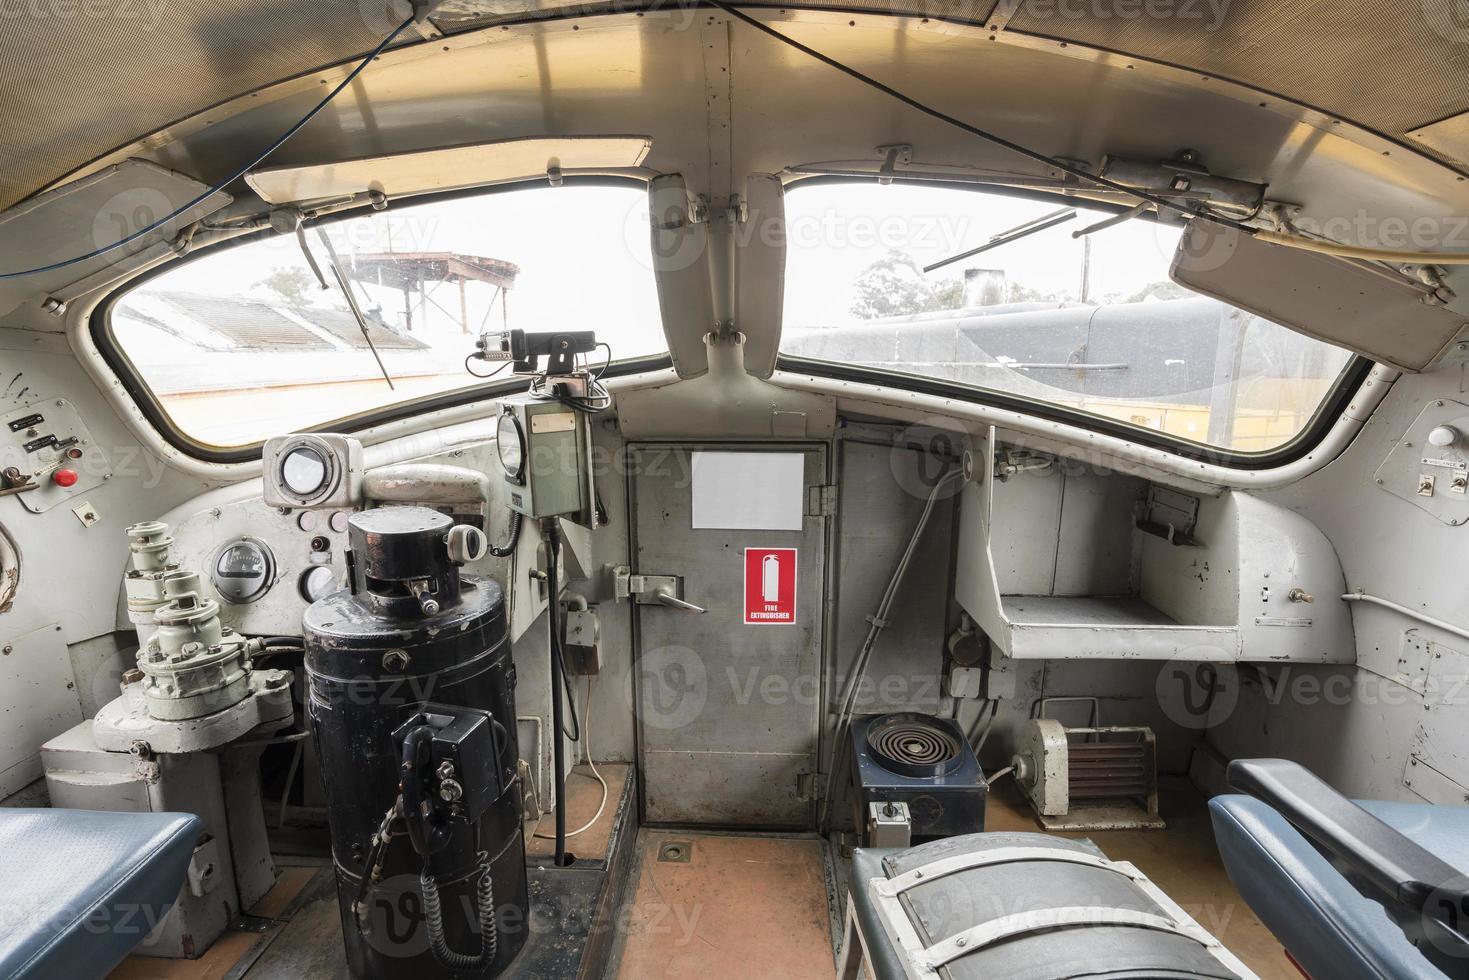 cabine conducteur d'une locomotive diesel photo